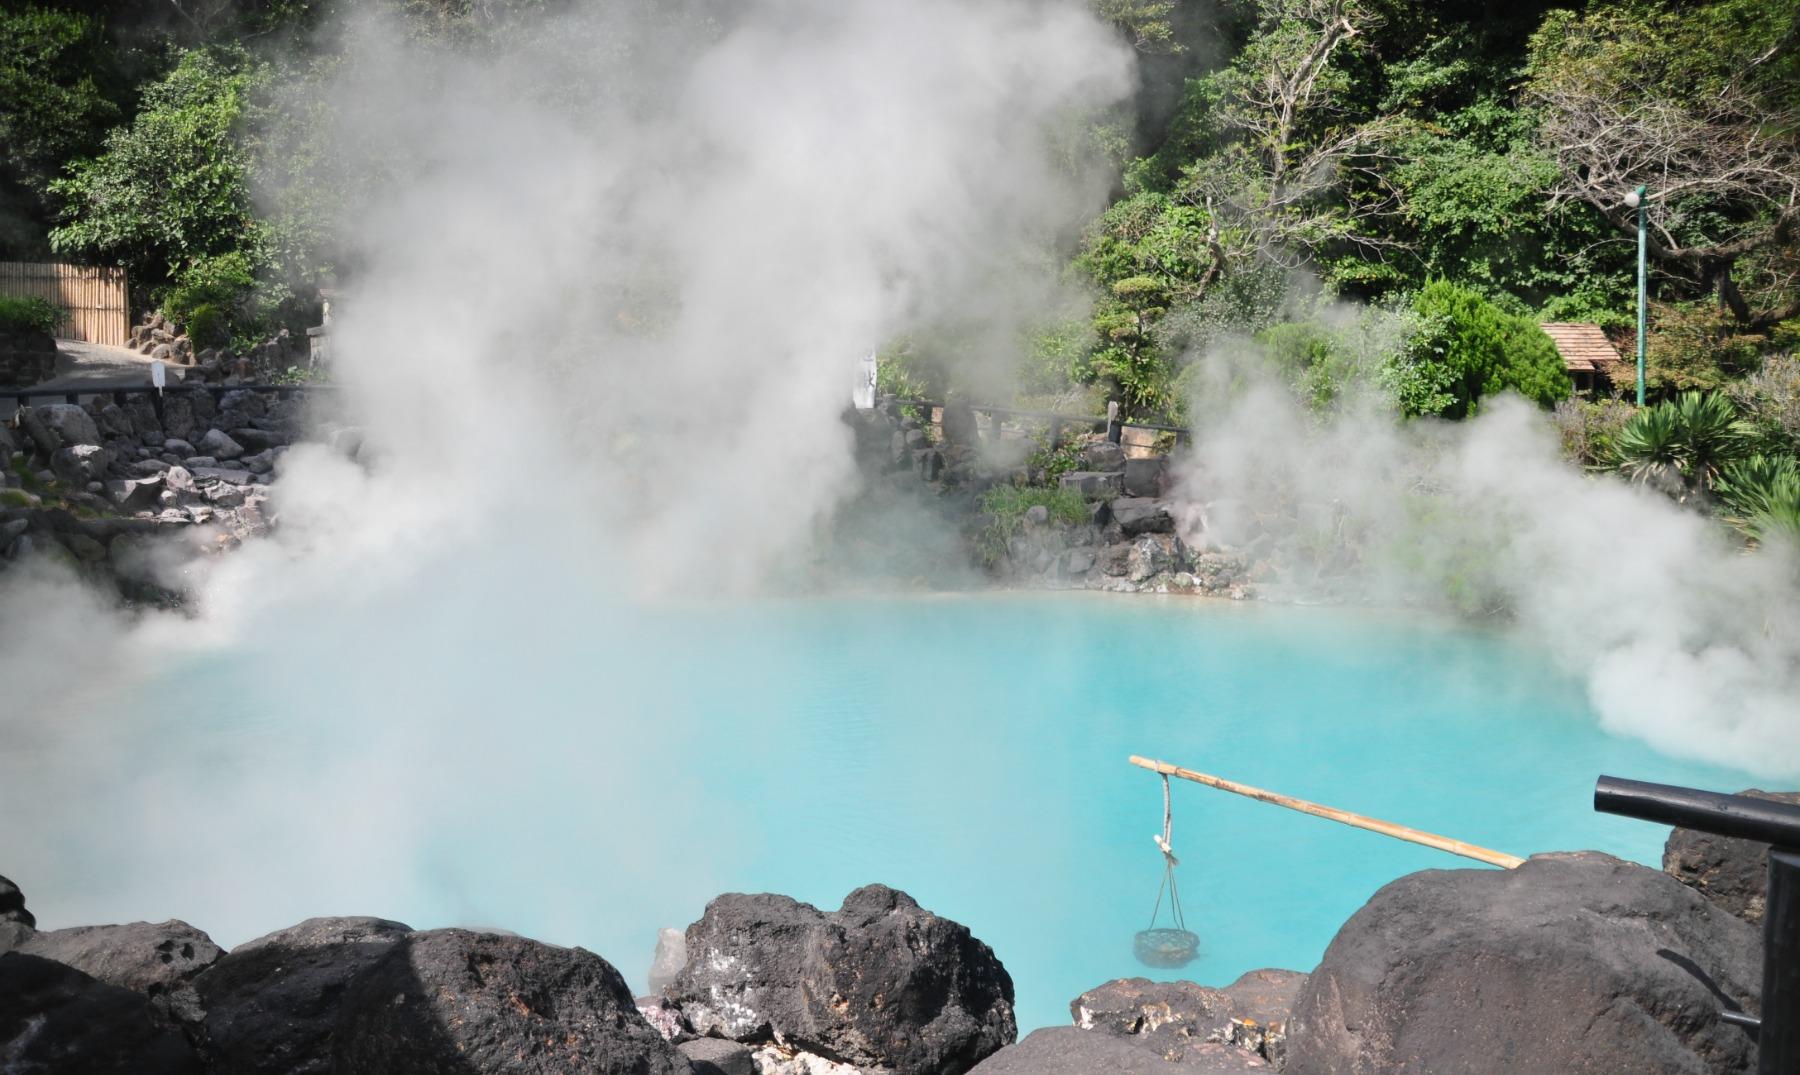 Baños Termales Japon: termales de japón onsen los famosos baños termales de japón